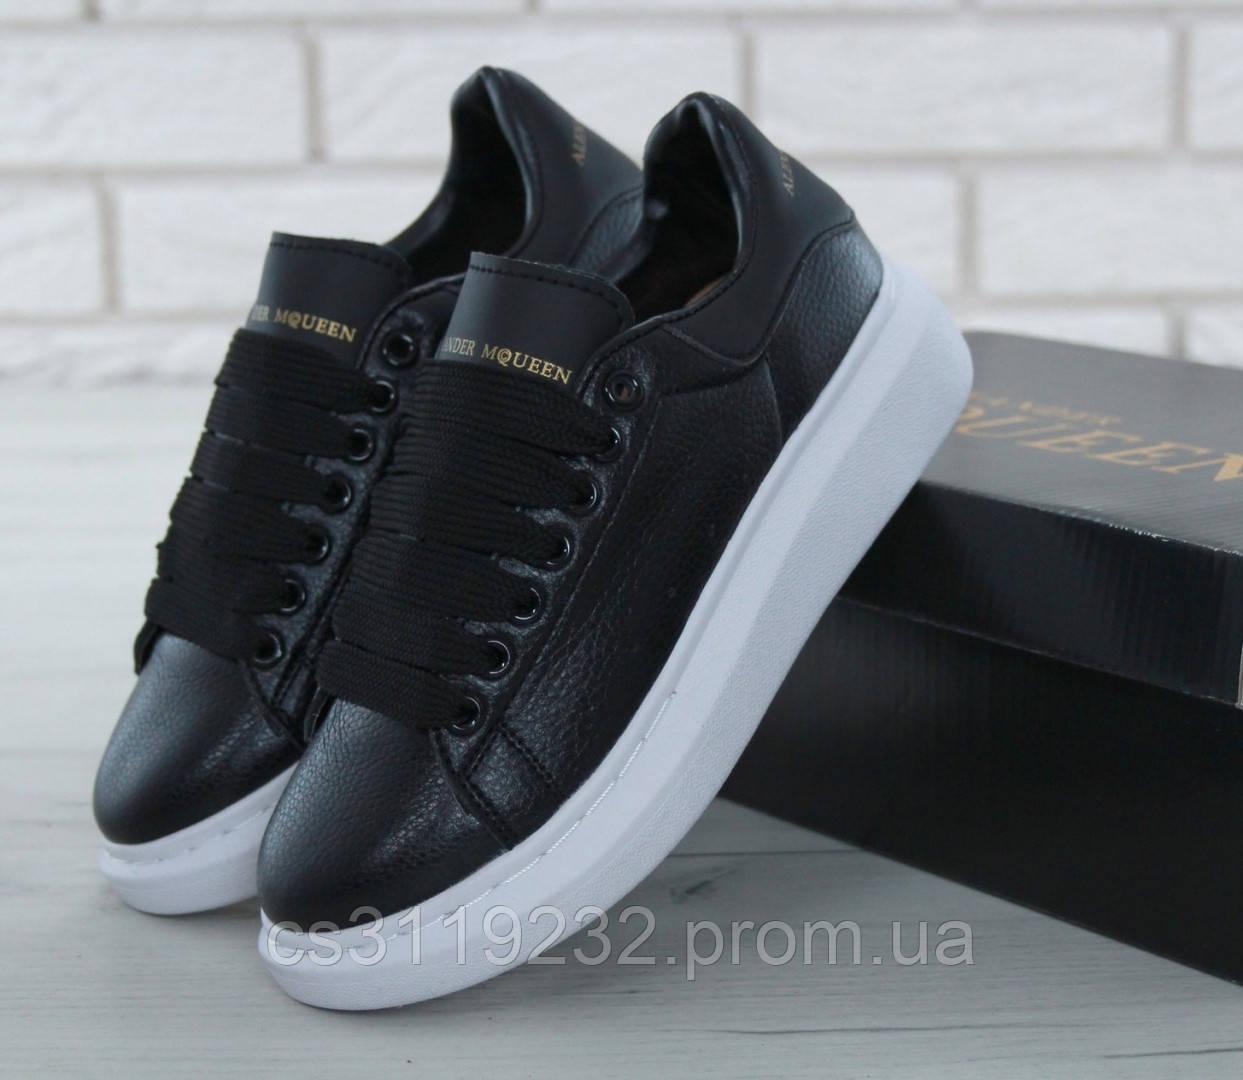 Женские кроссовки Alexander McQueen (черные)